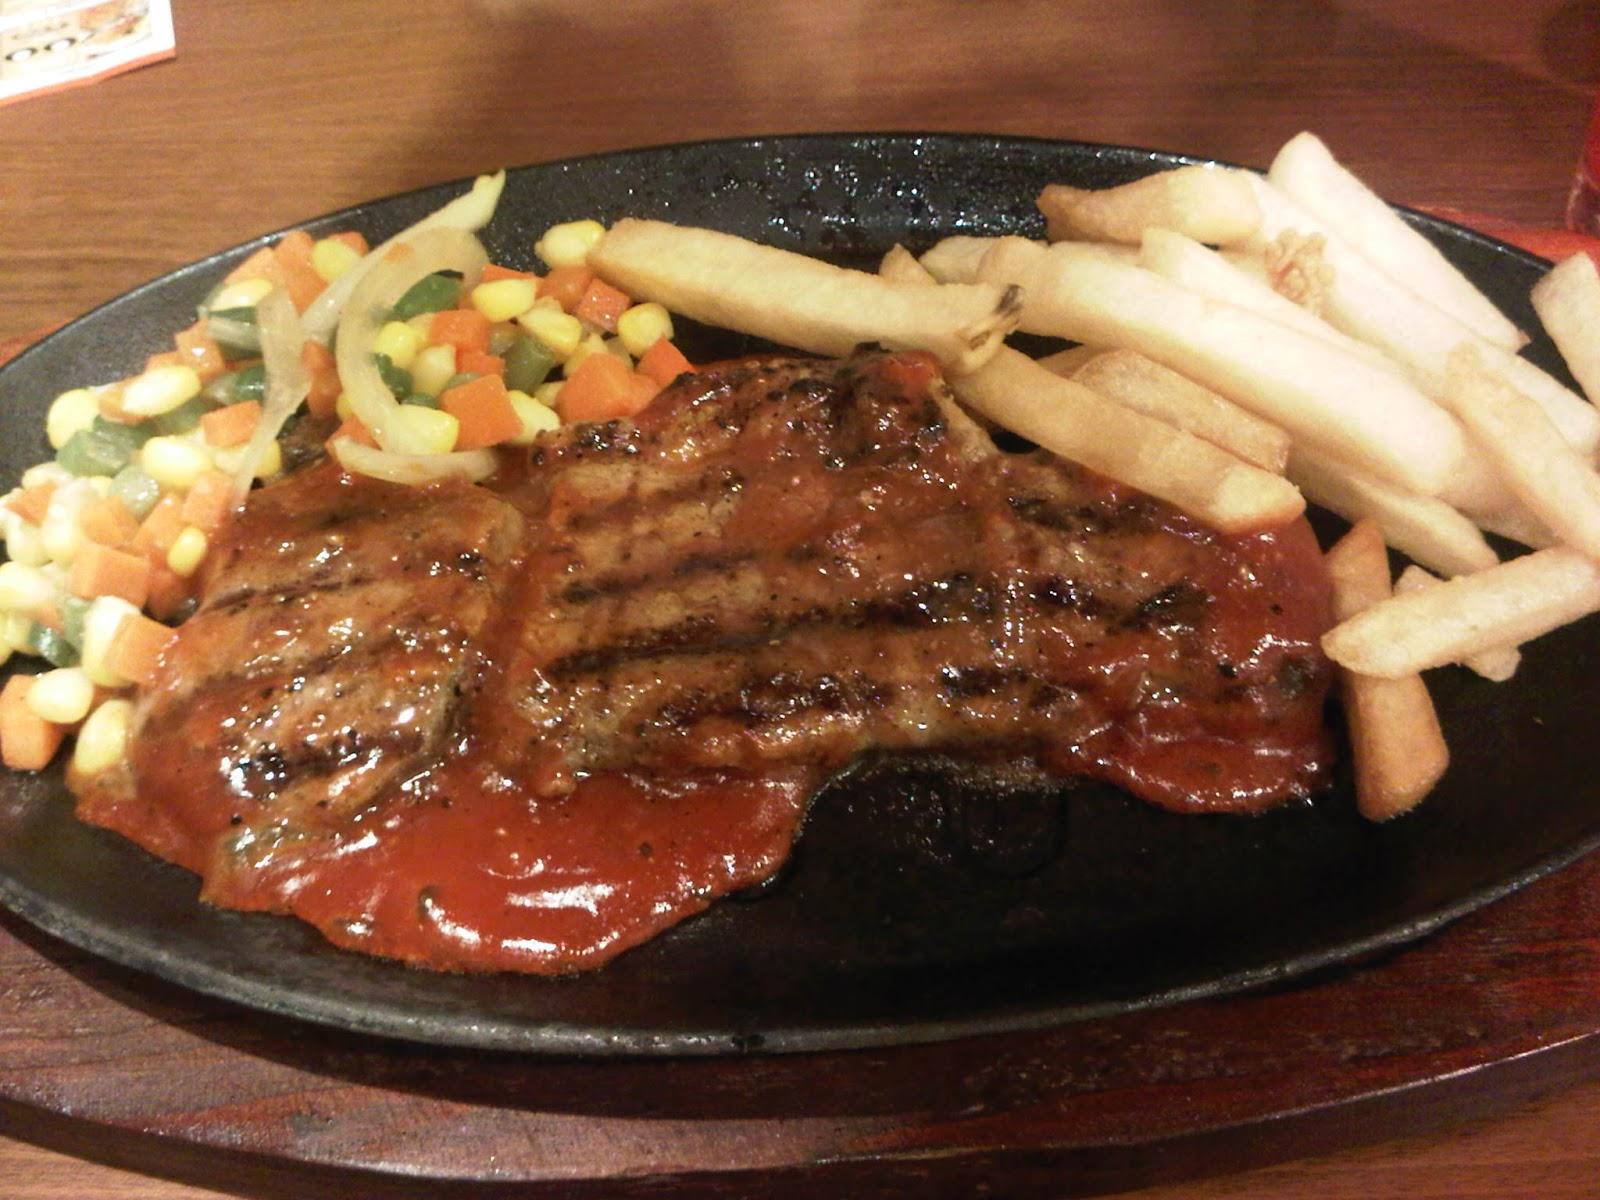 Resep Steak Daging Sapi Sederhana Sensasi Renyah